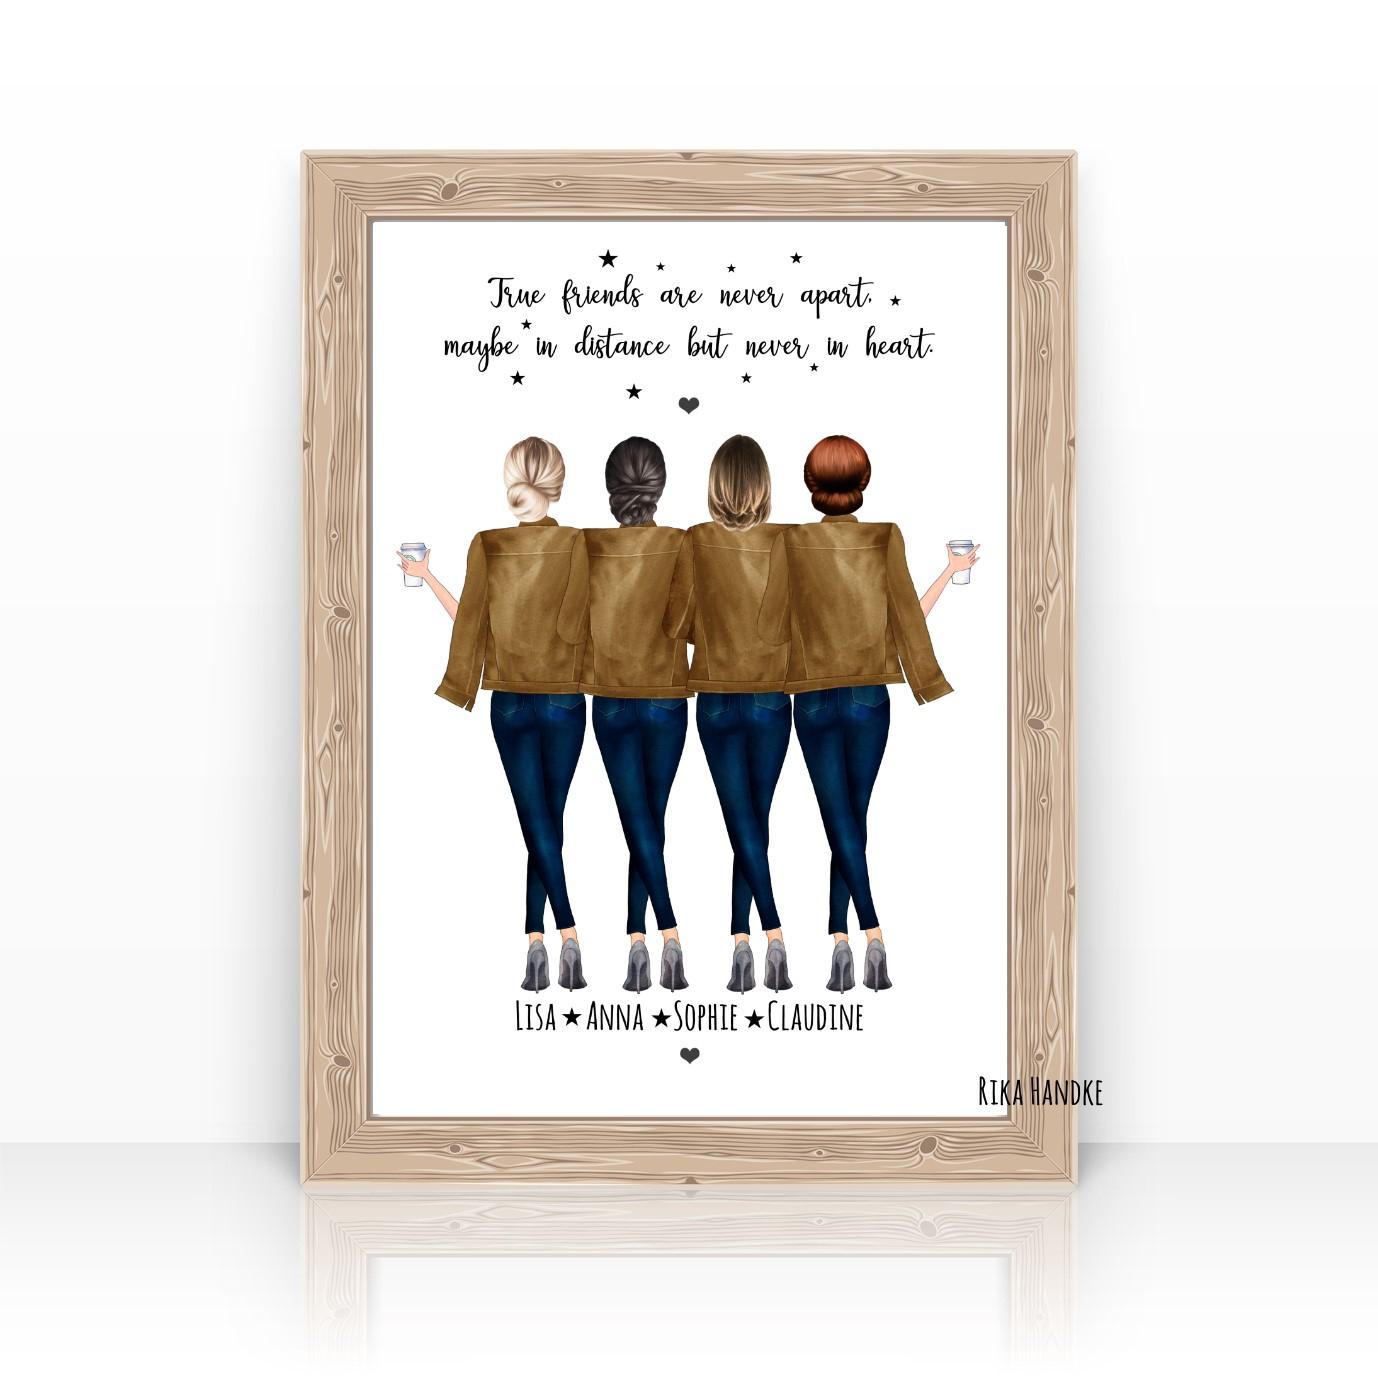 Beste Freundin/freundinnen Geschenk Geburtstag-Pdf Datei Zum Selberdrucken verwandt mit Geschenk Für Beste Freundin 15